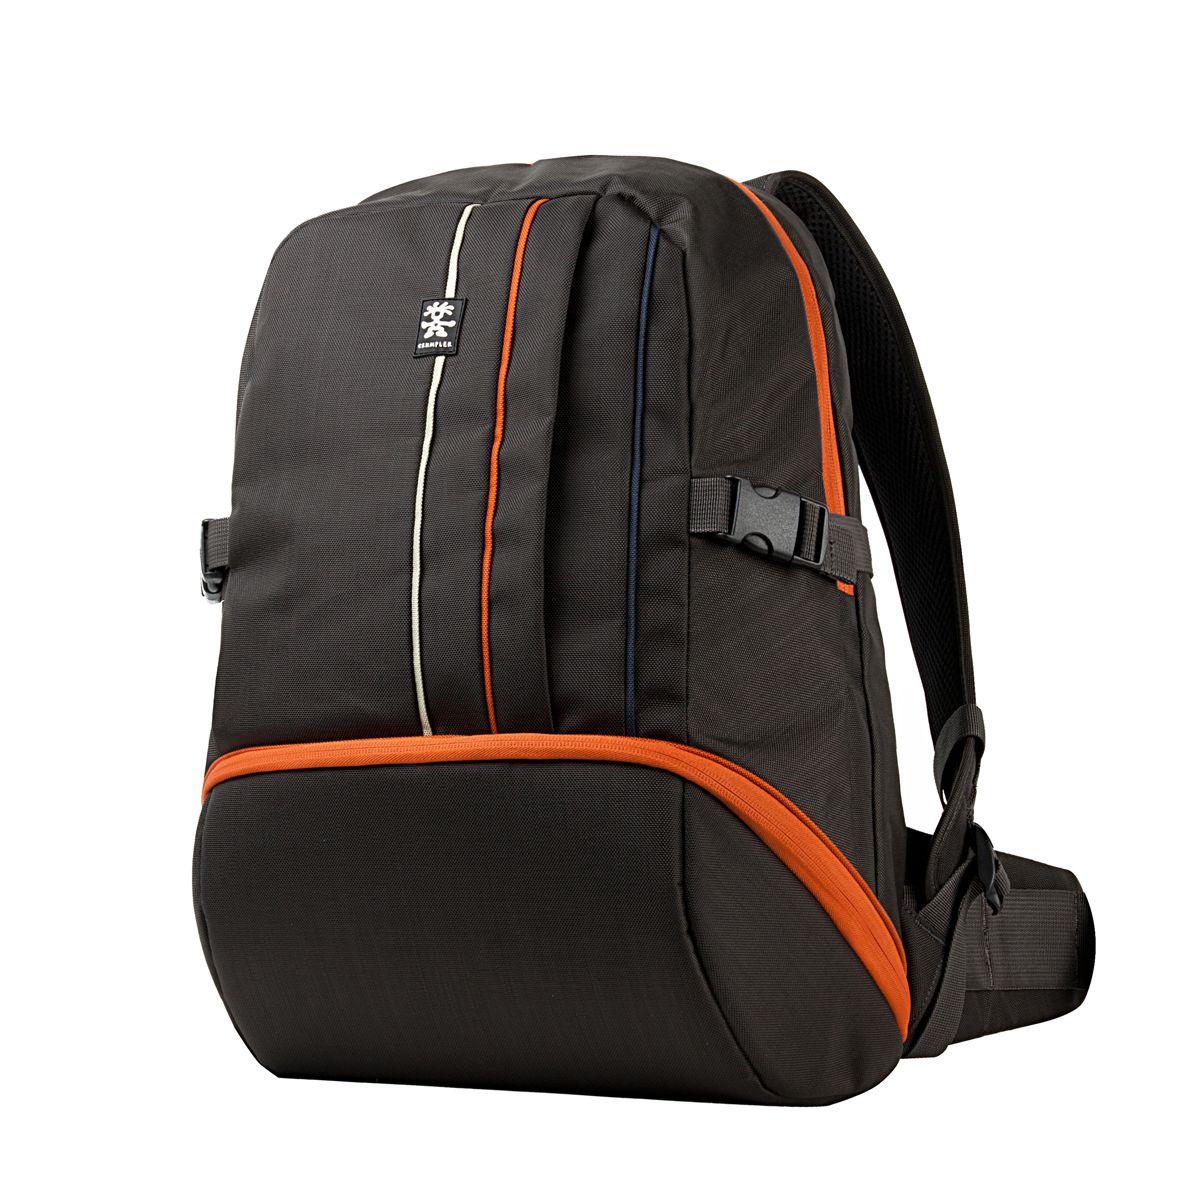 Фоторюкзак крамплер купить рюкзак для мальчика 3 года